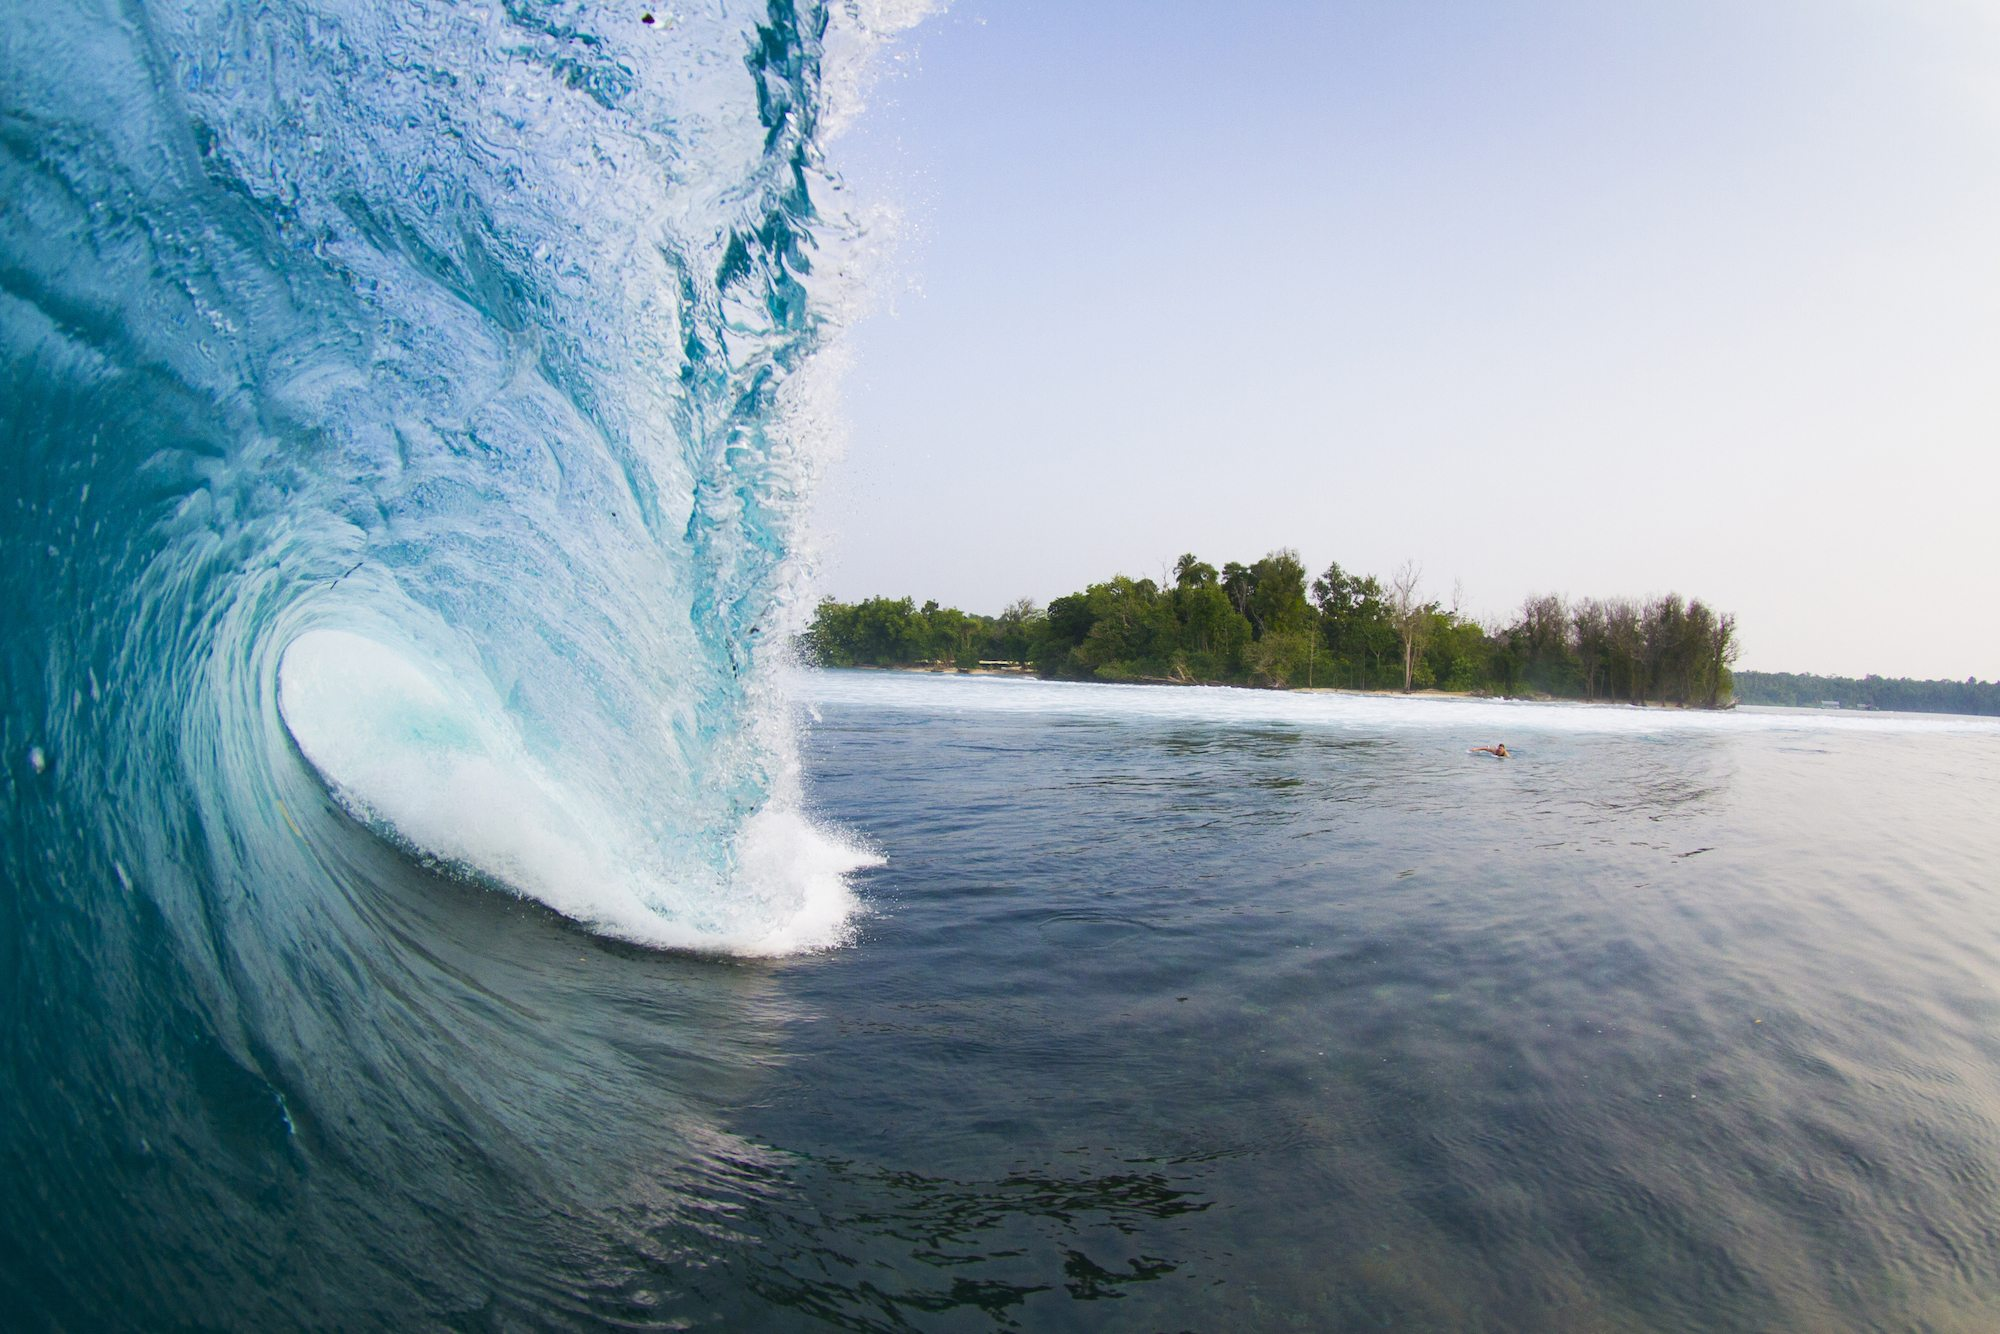 plunging wave, surf banyak